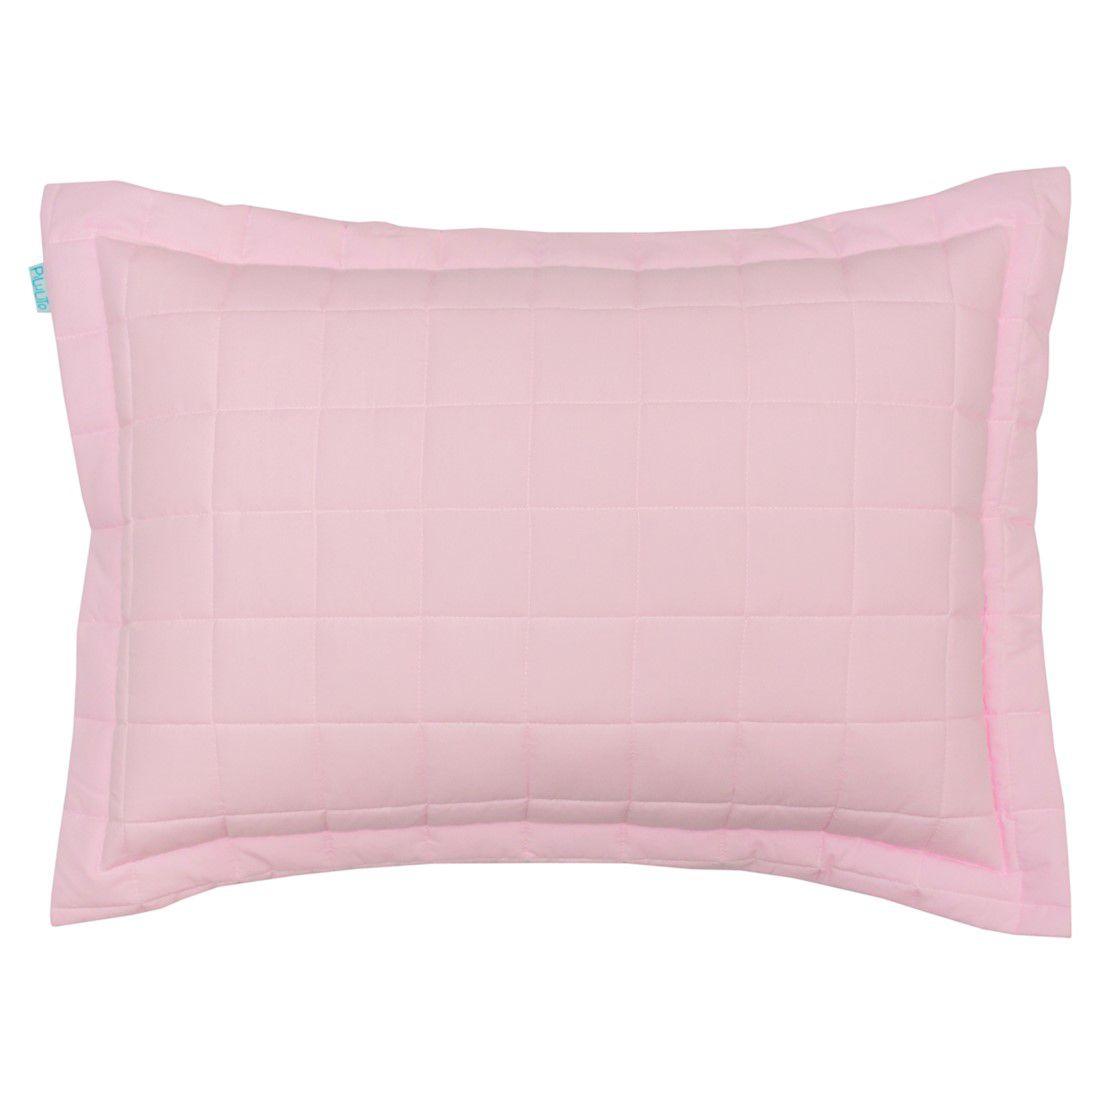 Porta travesseiro percal 200 fios cubos rosa claro